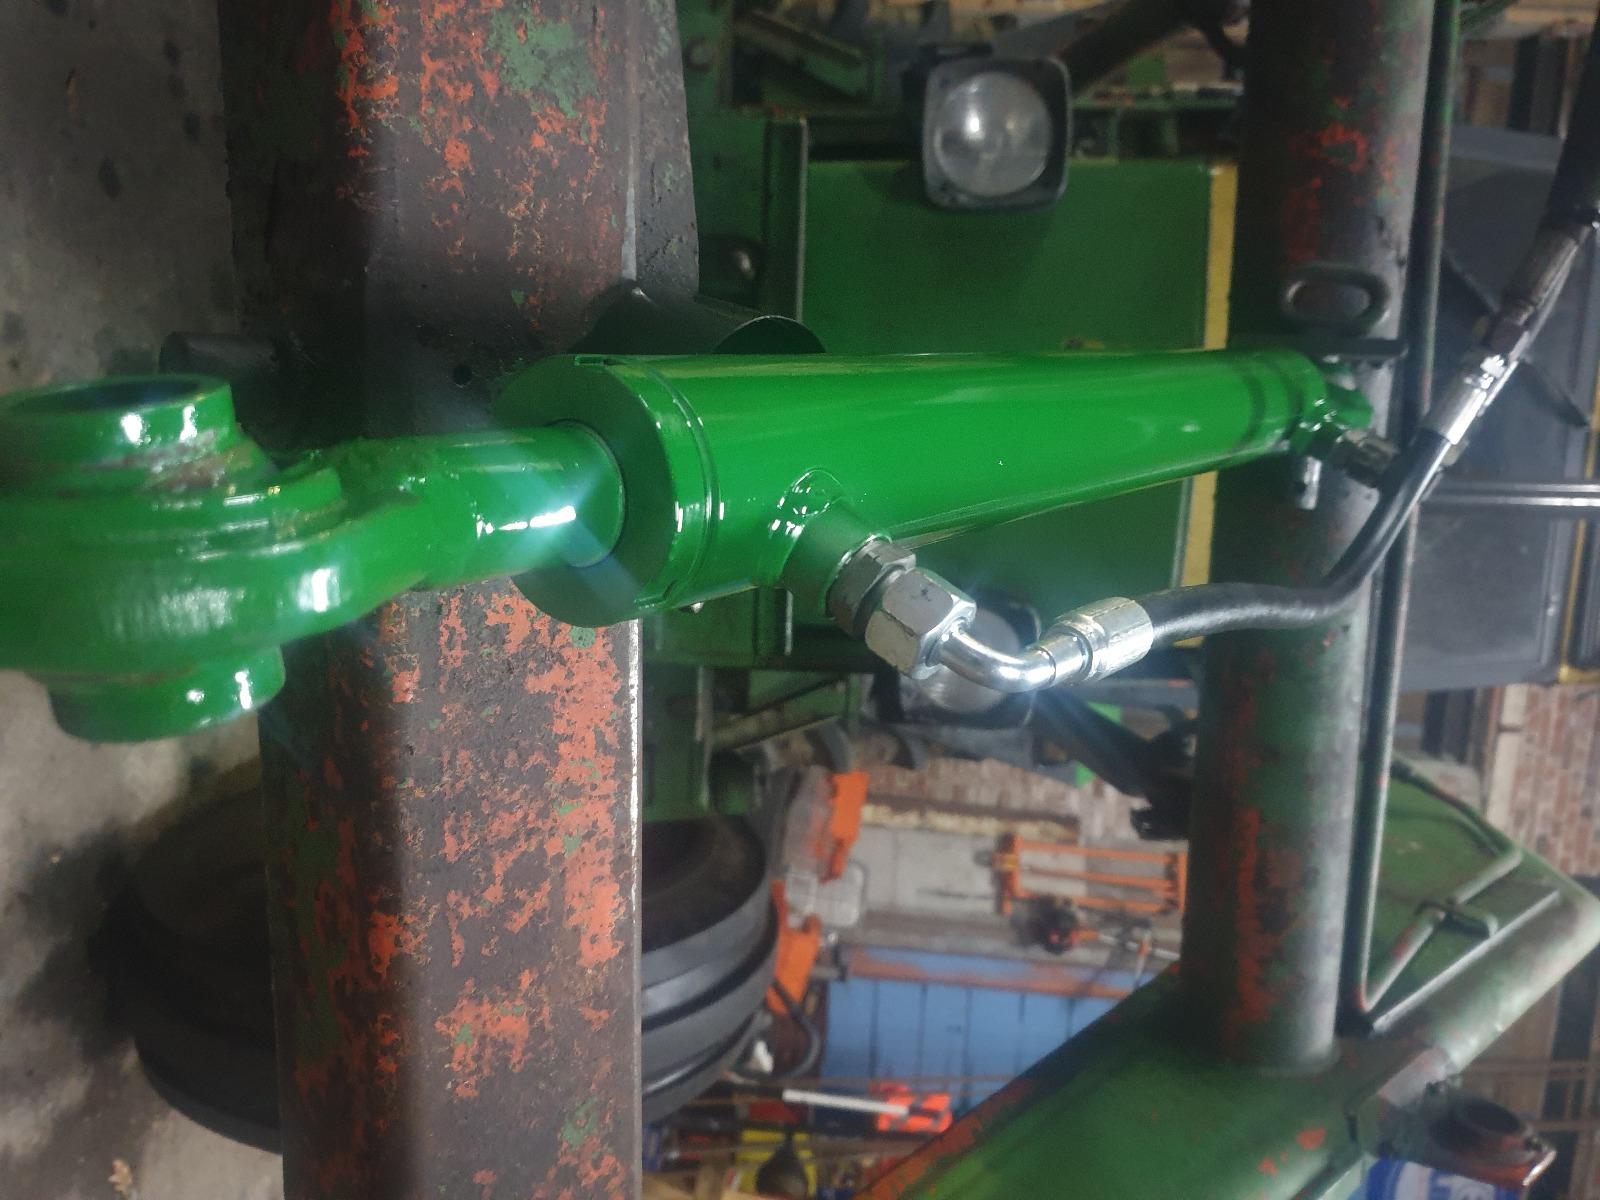 Maatwerk hydraulische cilinders. De oude cilinder was dusdanig beschadig en krom, helaas was deze niet meer te herstellen. Wij maken cilinders van pas en dragen zelfs zorg voor een bijpassende kleur! Het hele plaatje compleet.